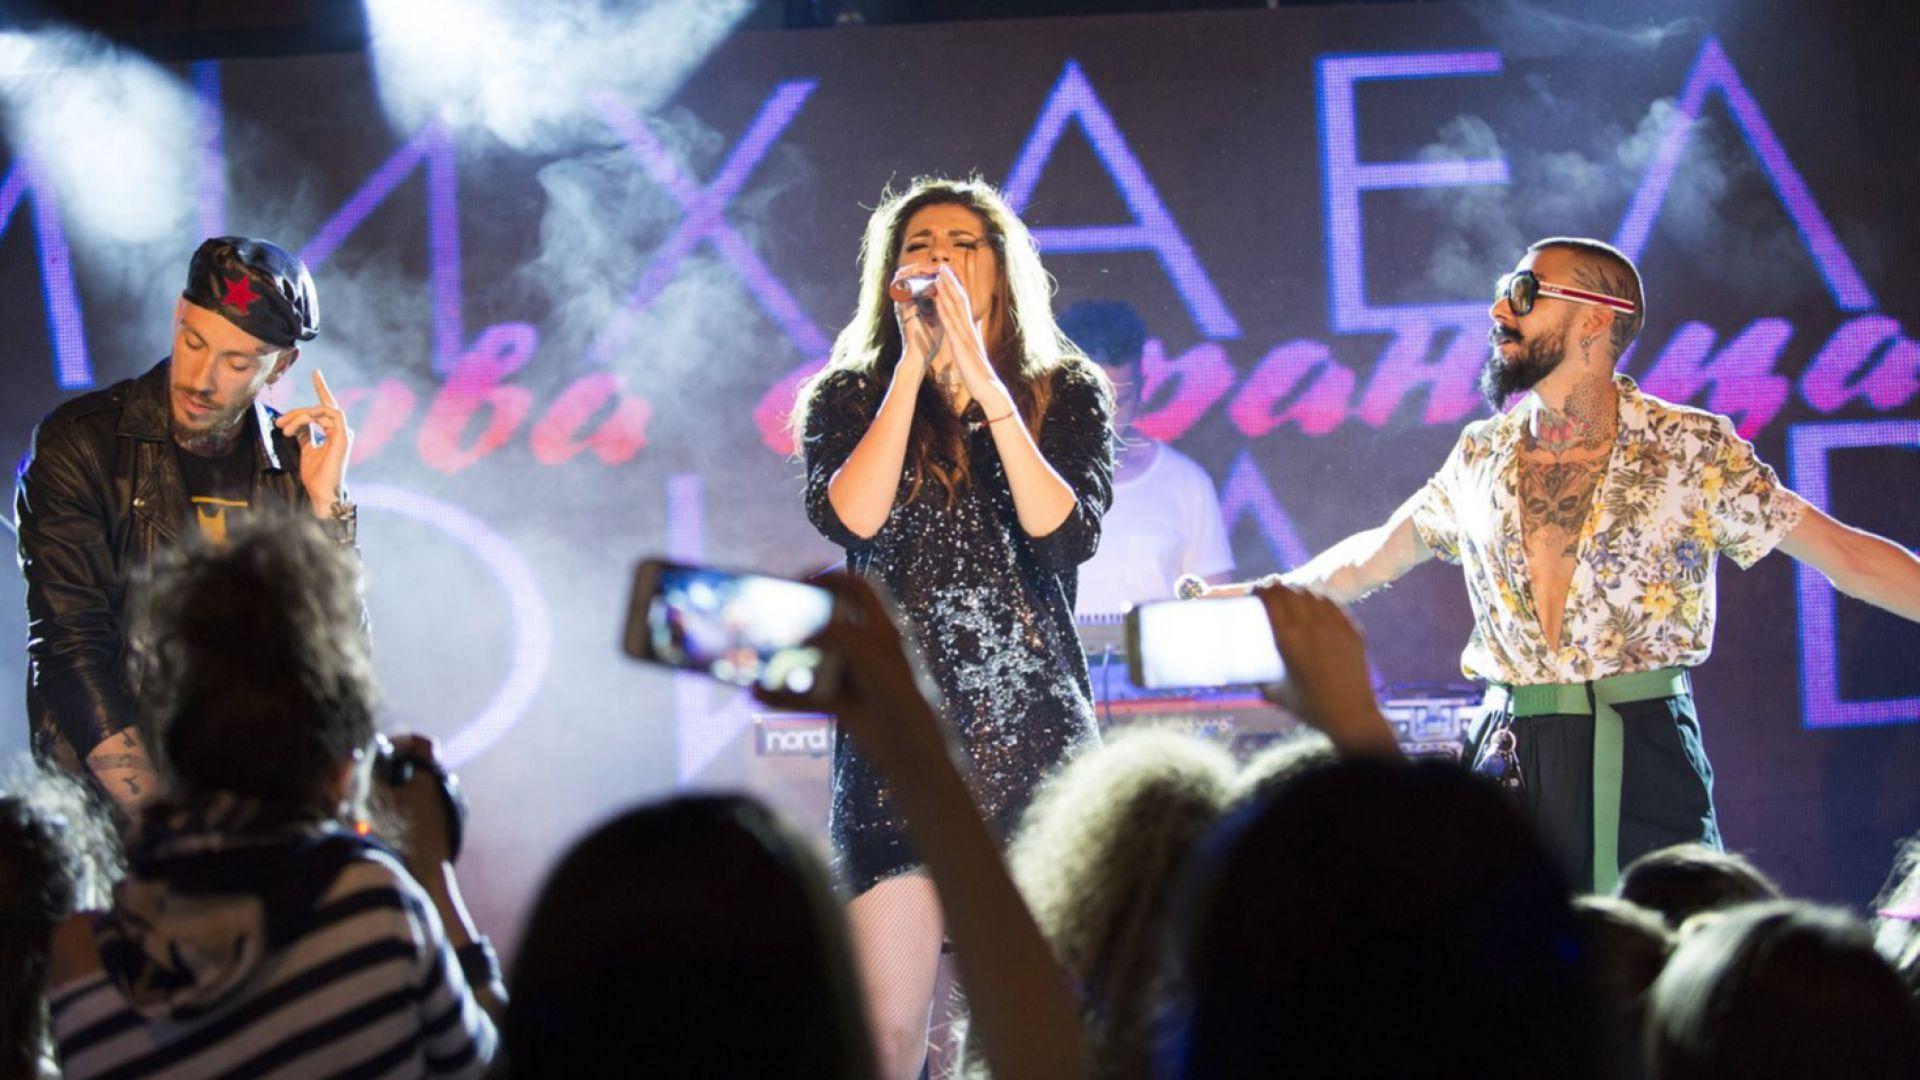 Михаела Филева представи новия си албум (снимки)